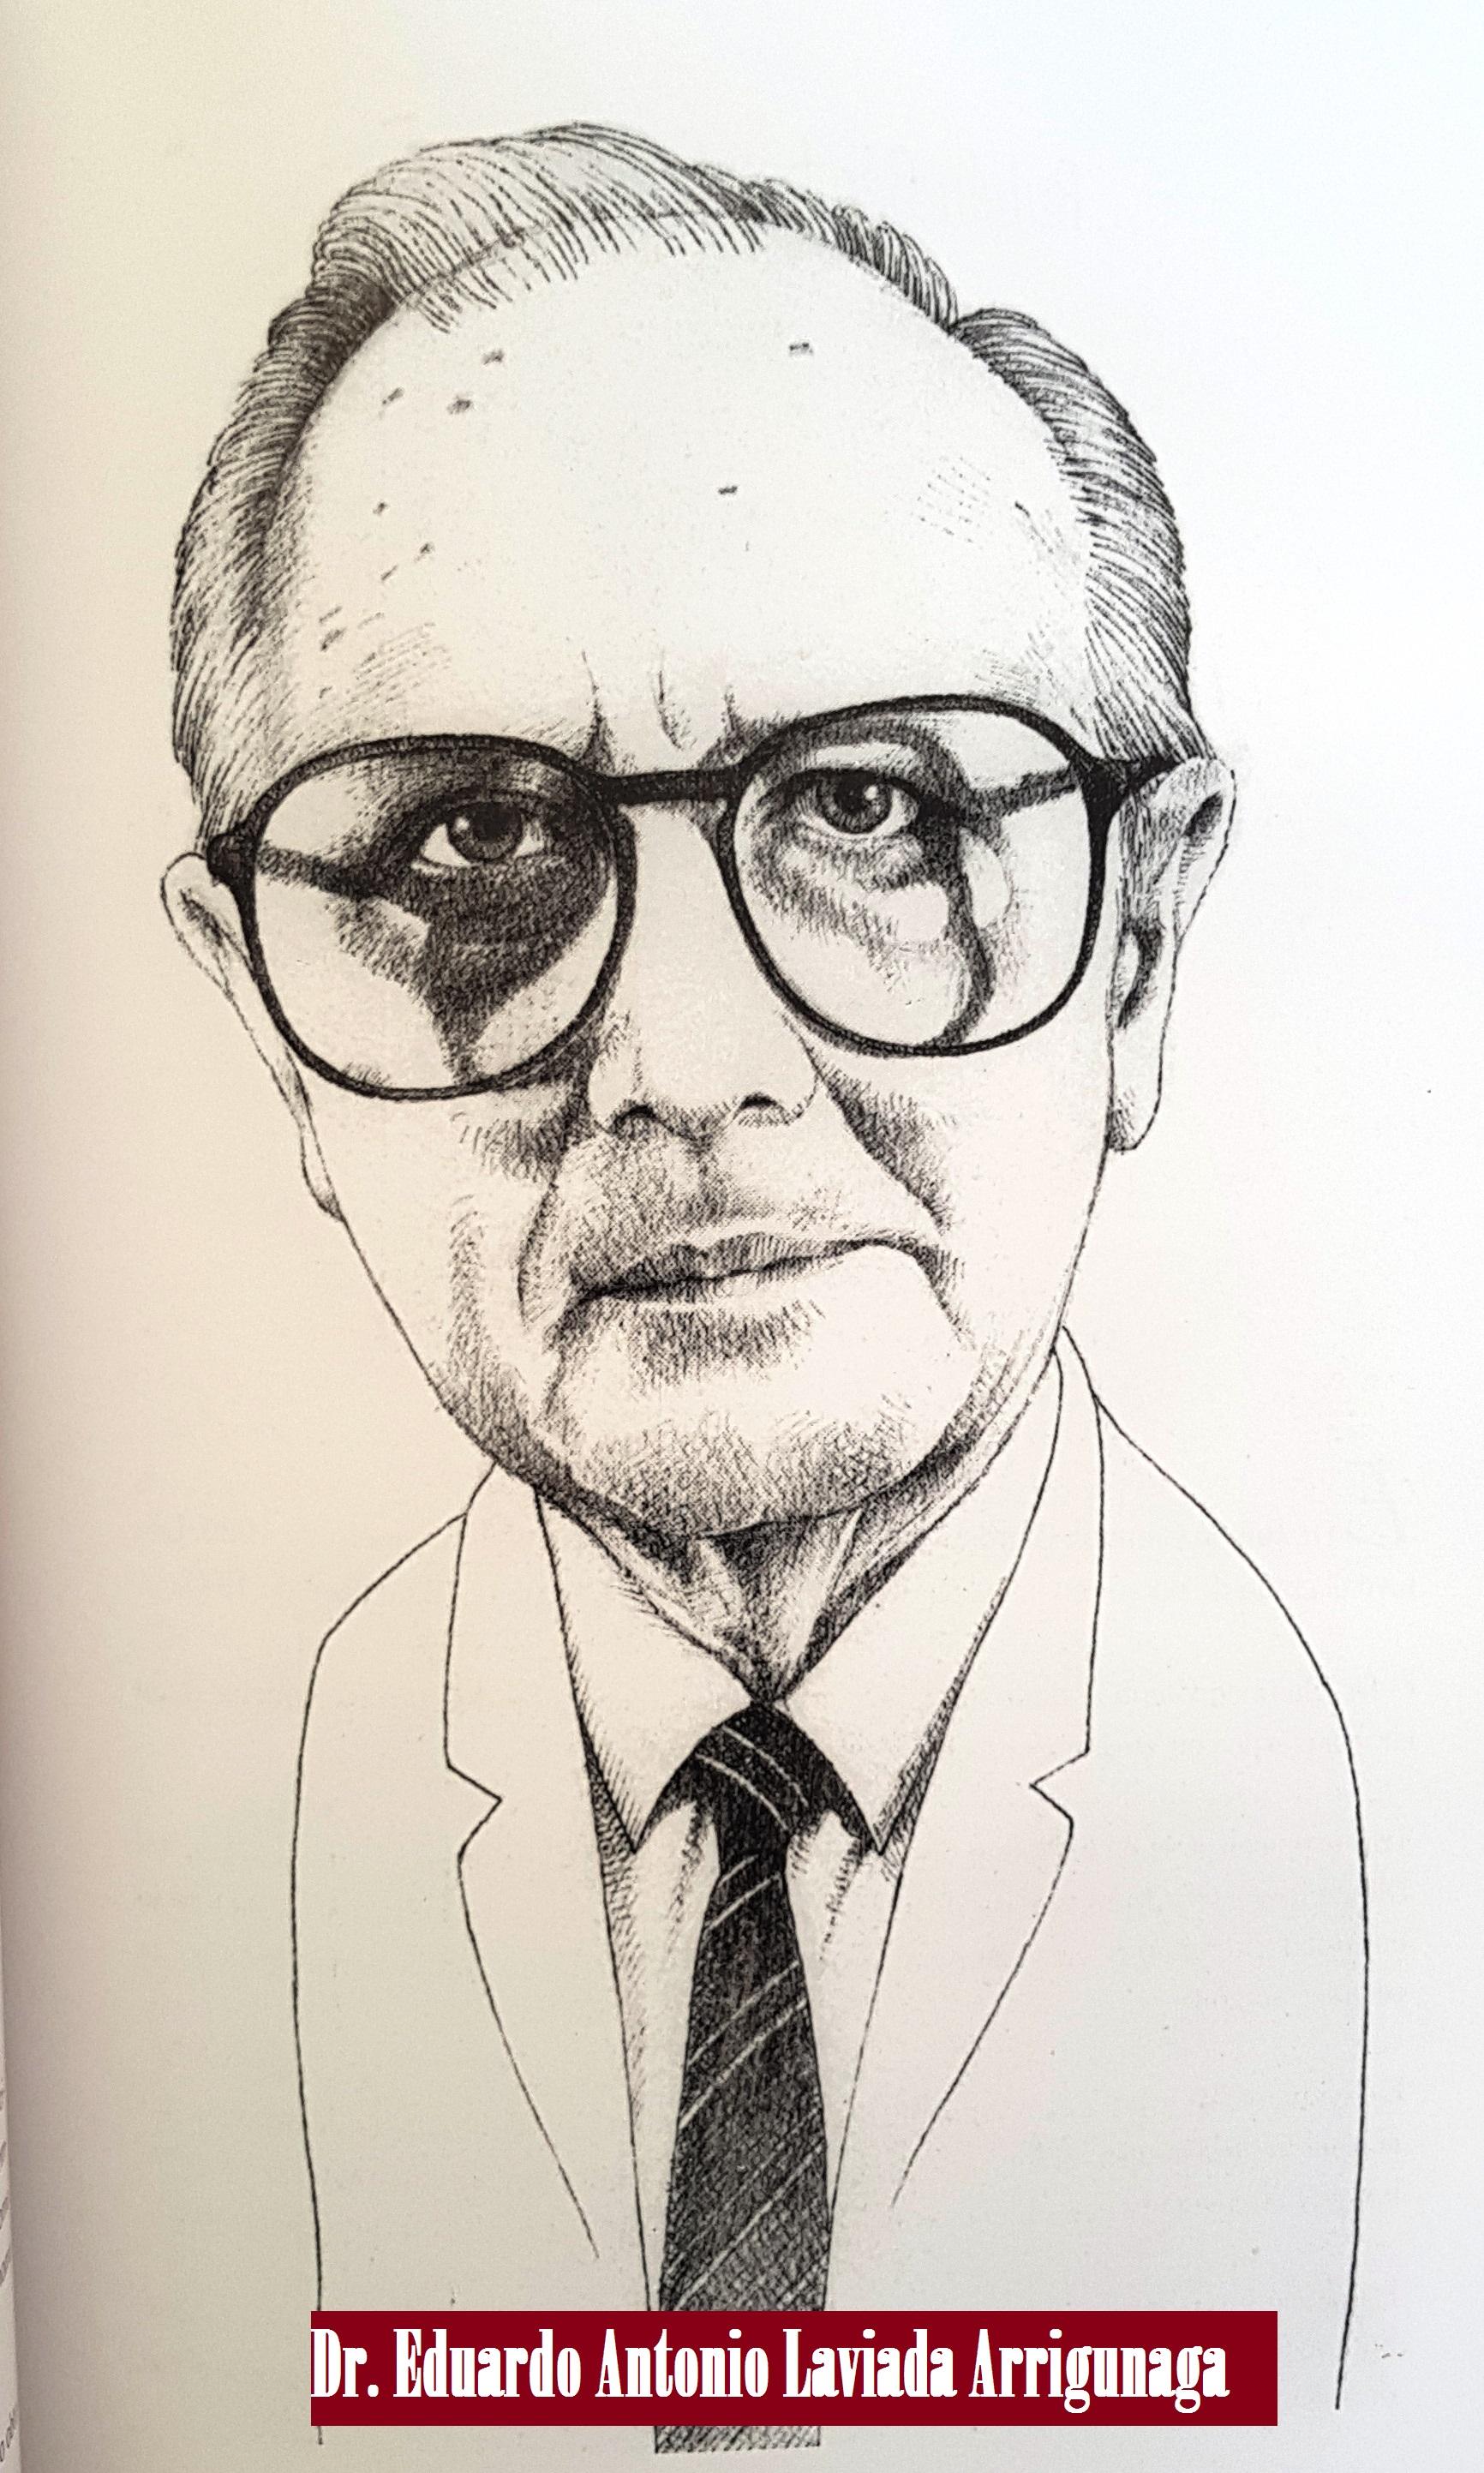 DR. EDUARDO ANTONIO LAVIADA ARRIGUNAGA